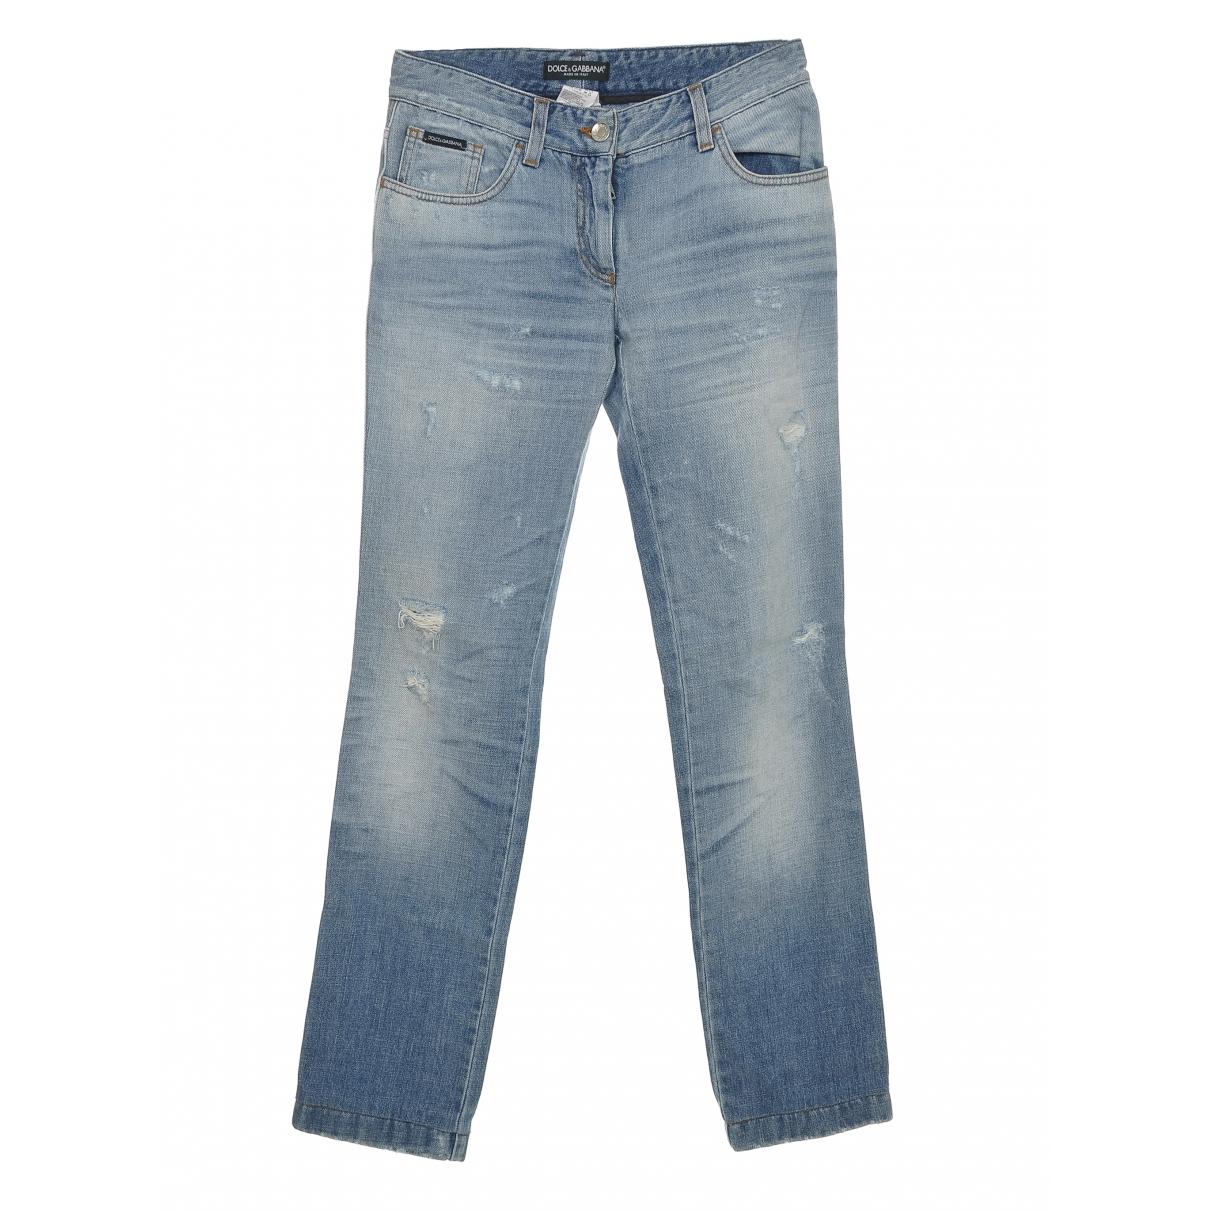 Dolce & Gabbana \N Blue Denim - Jeans Trousers for Women 38 IT